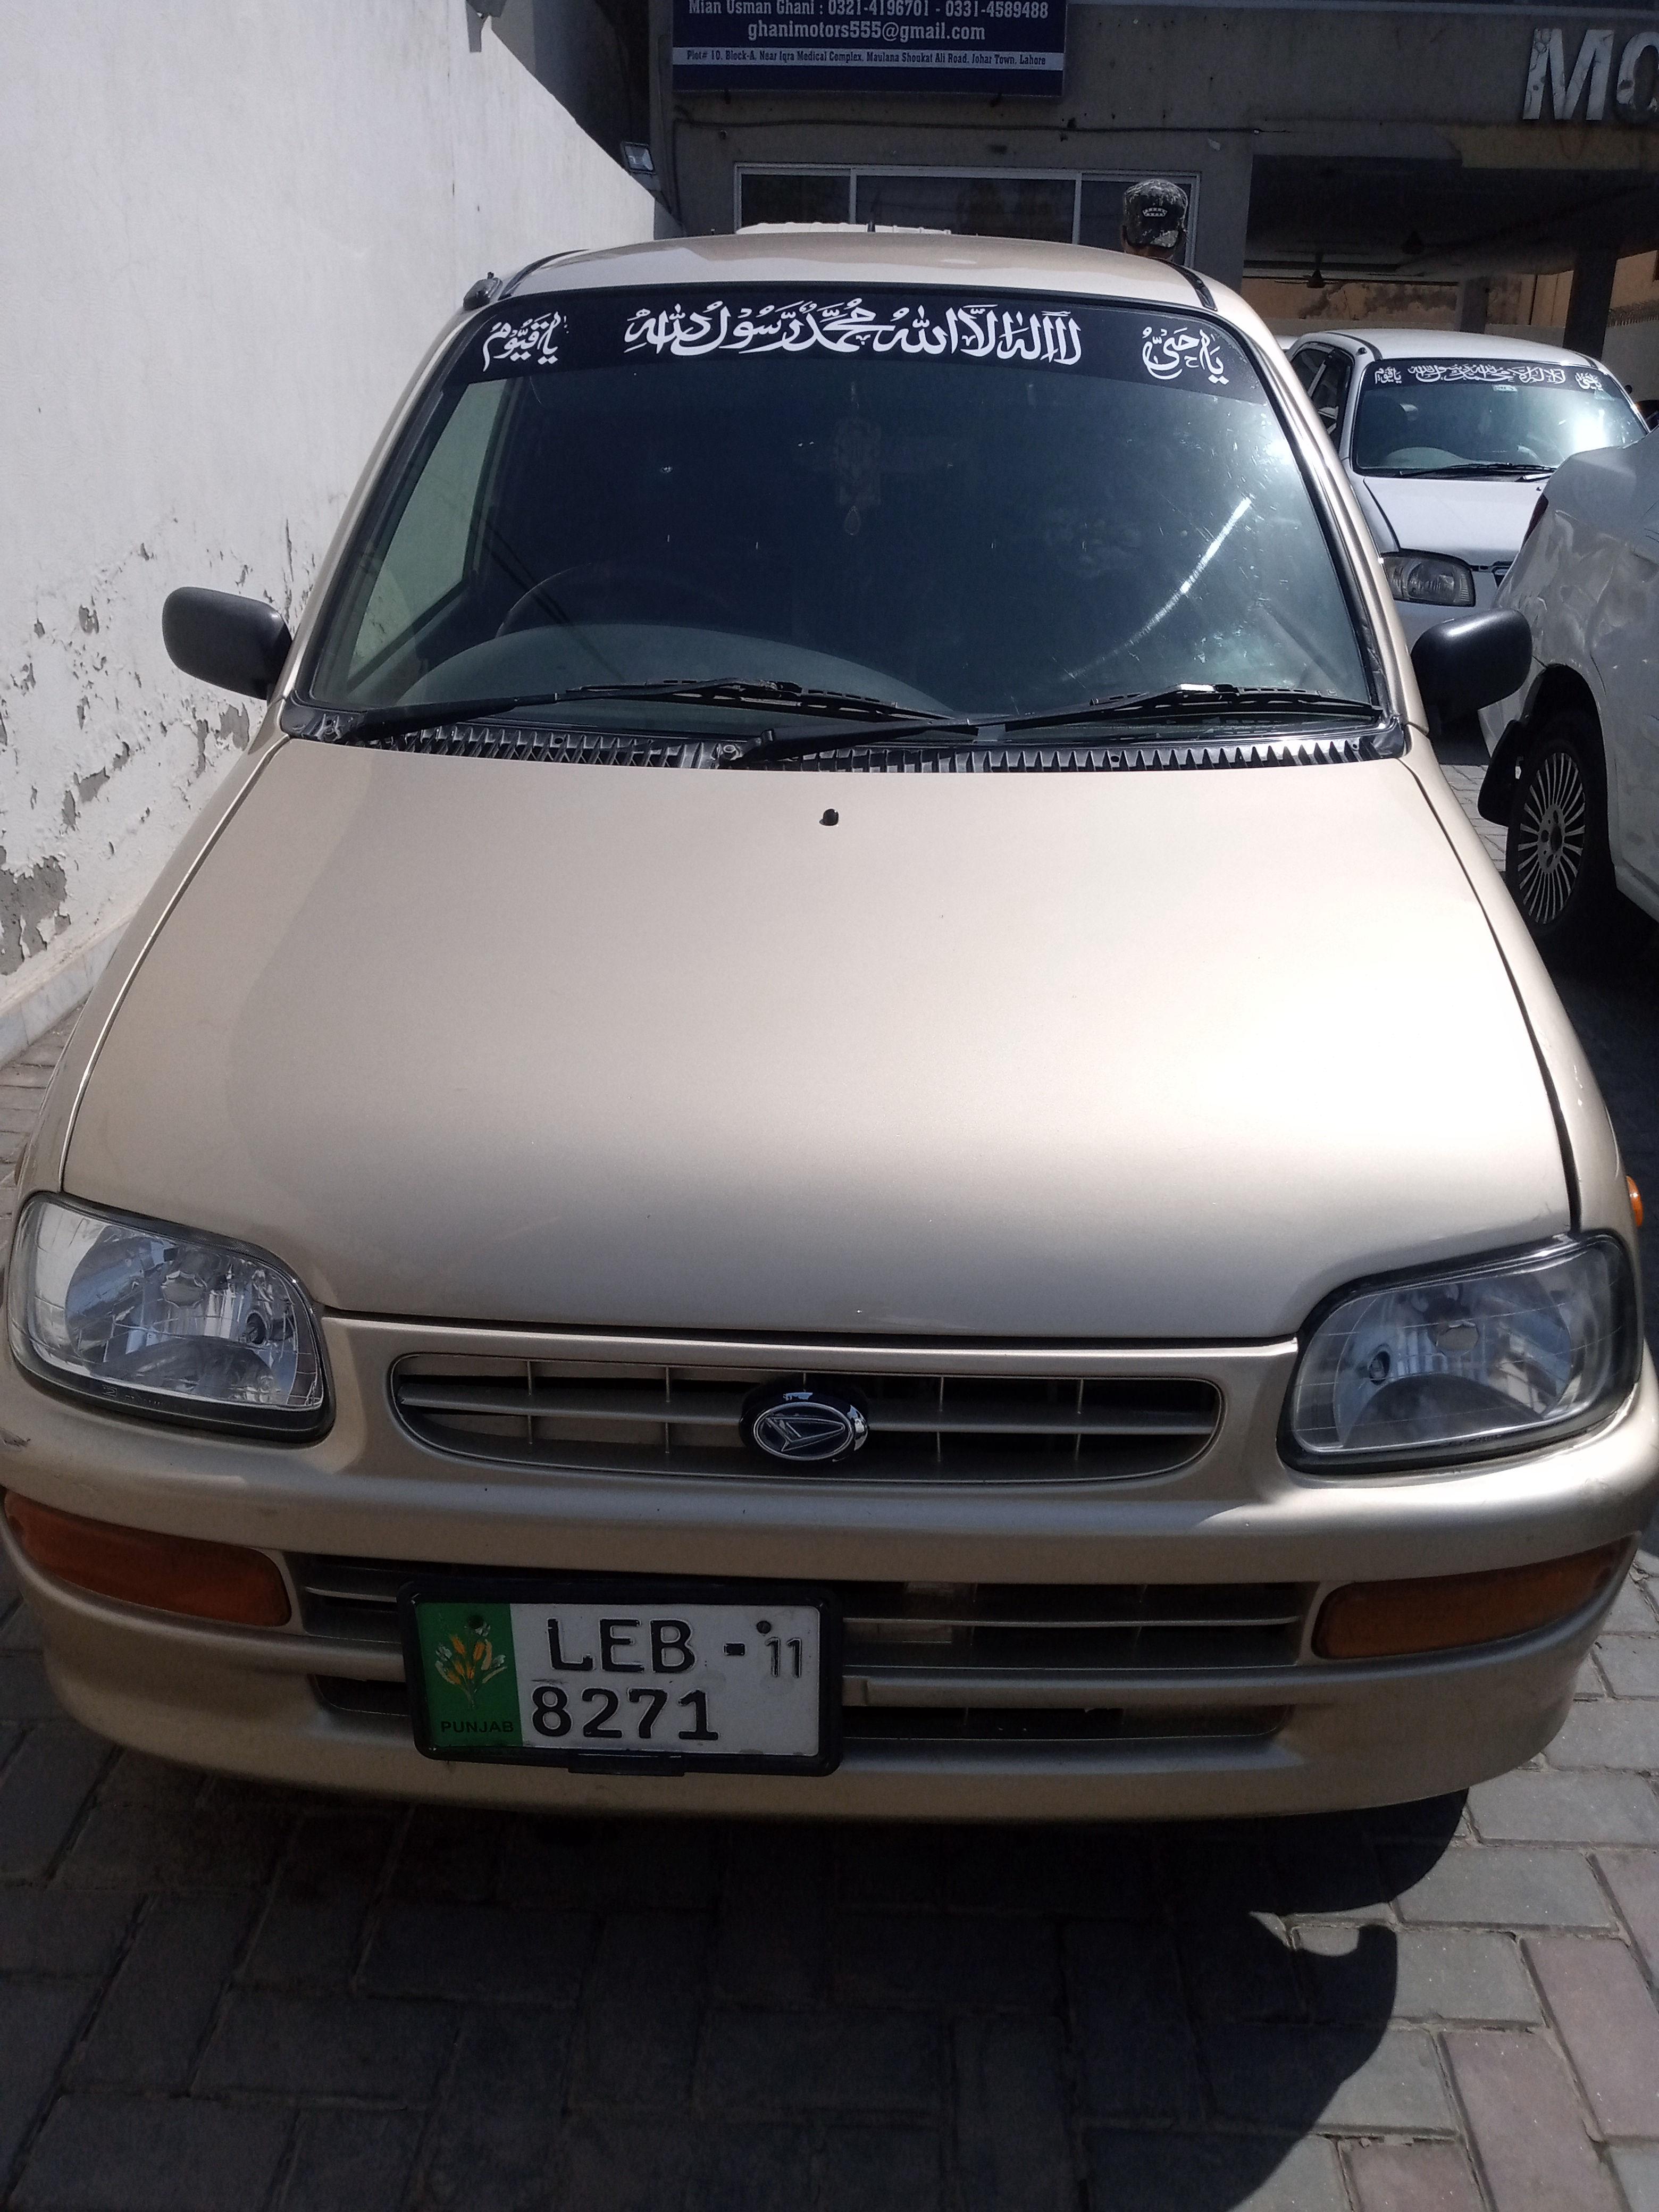 Daihatsu Cuore CX Eco 2009